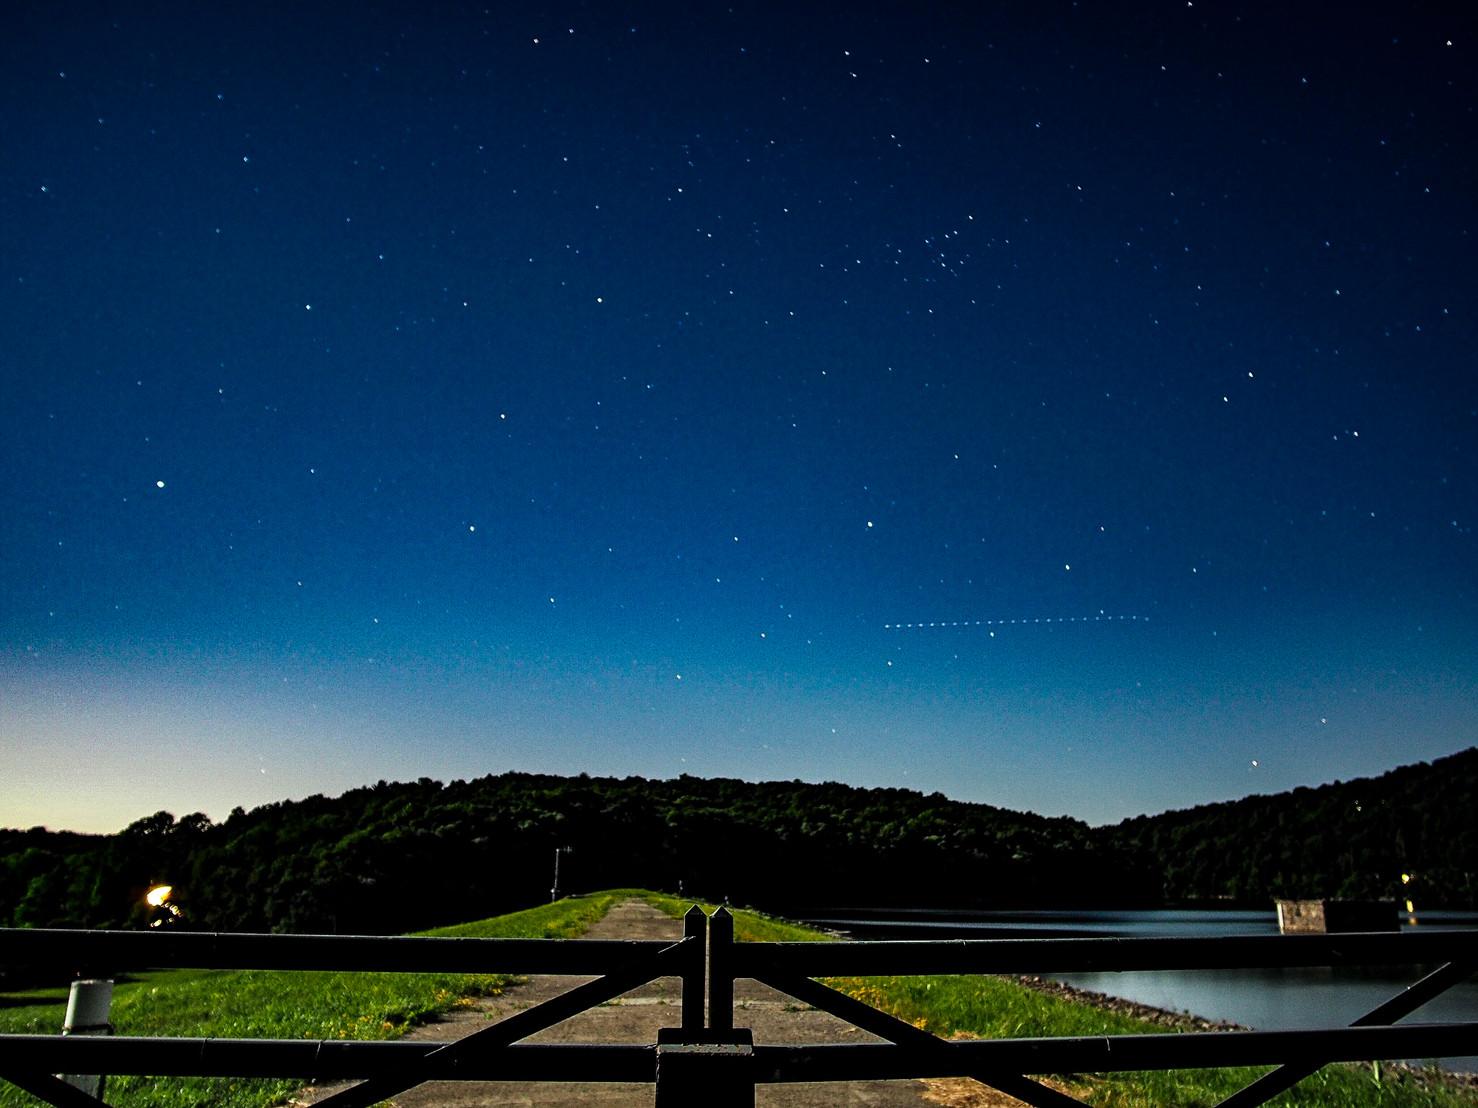 Night sky over Amawalk Reservoir